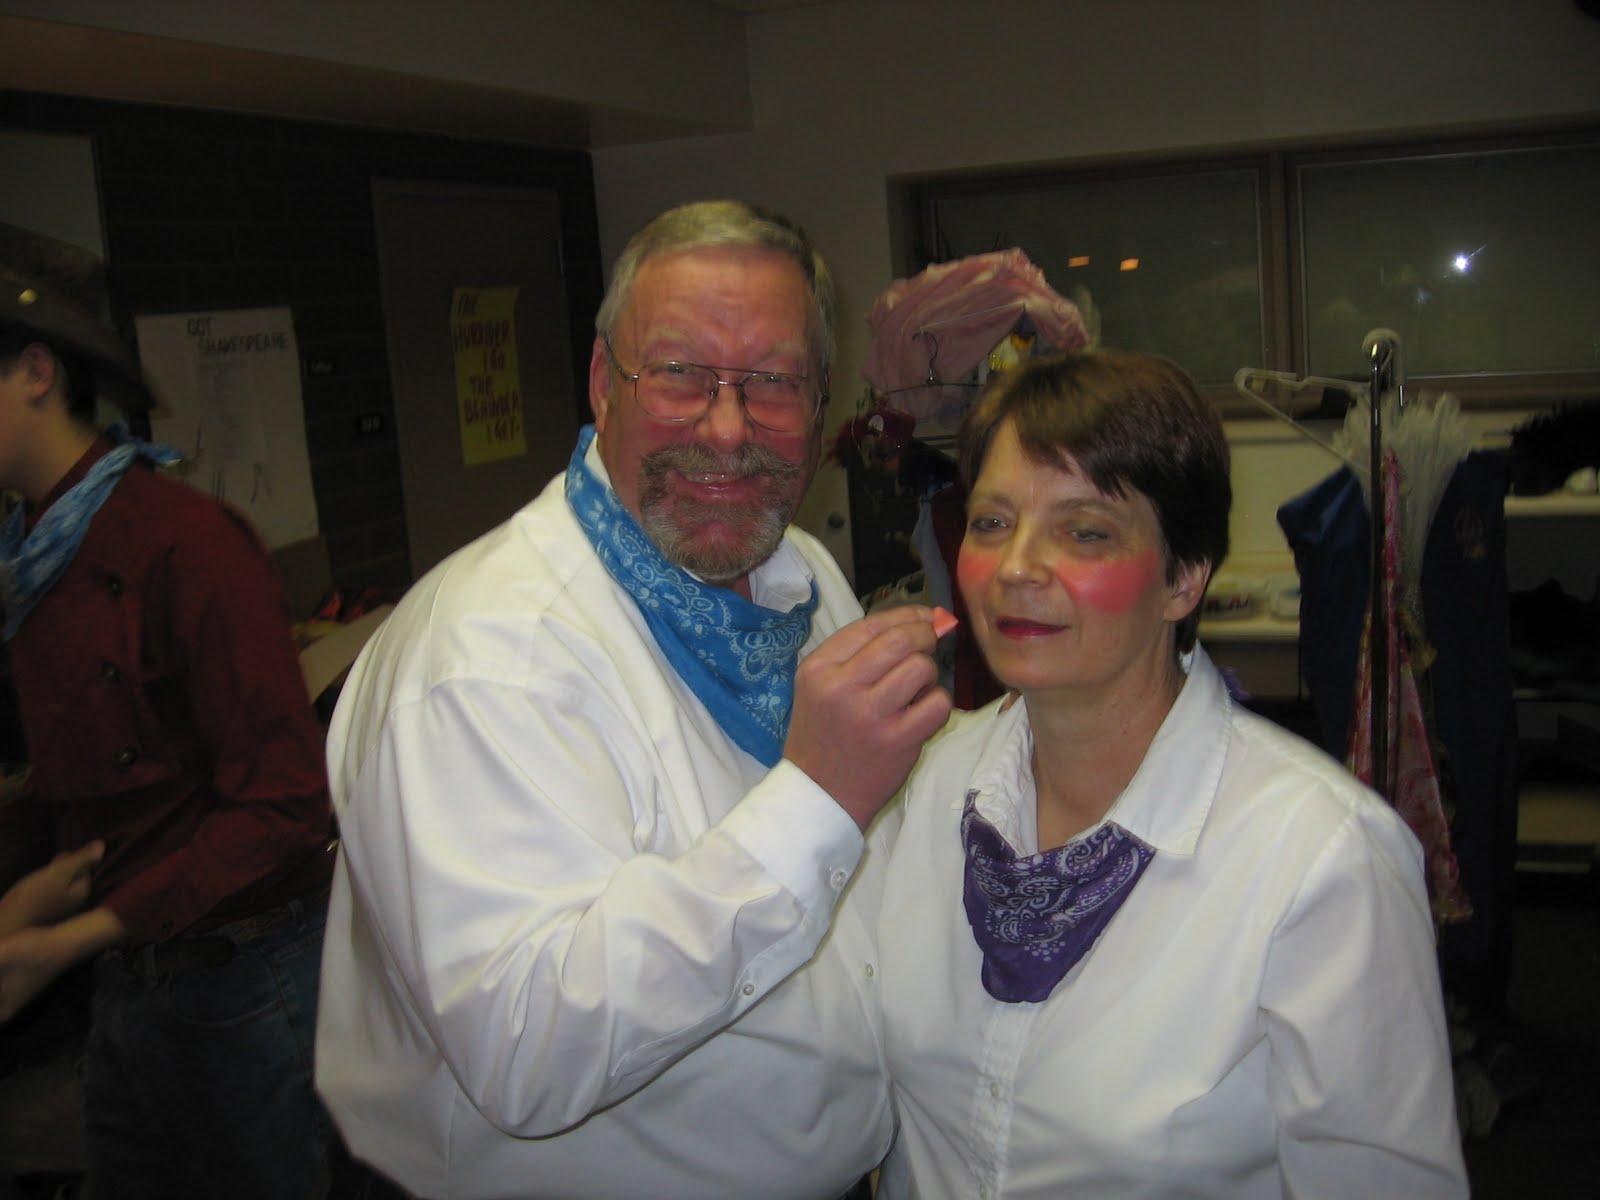 Grandpa and Grandma Larson